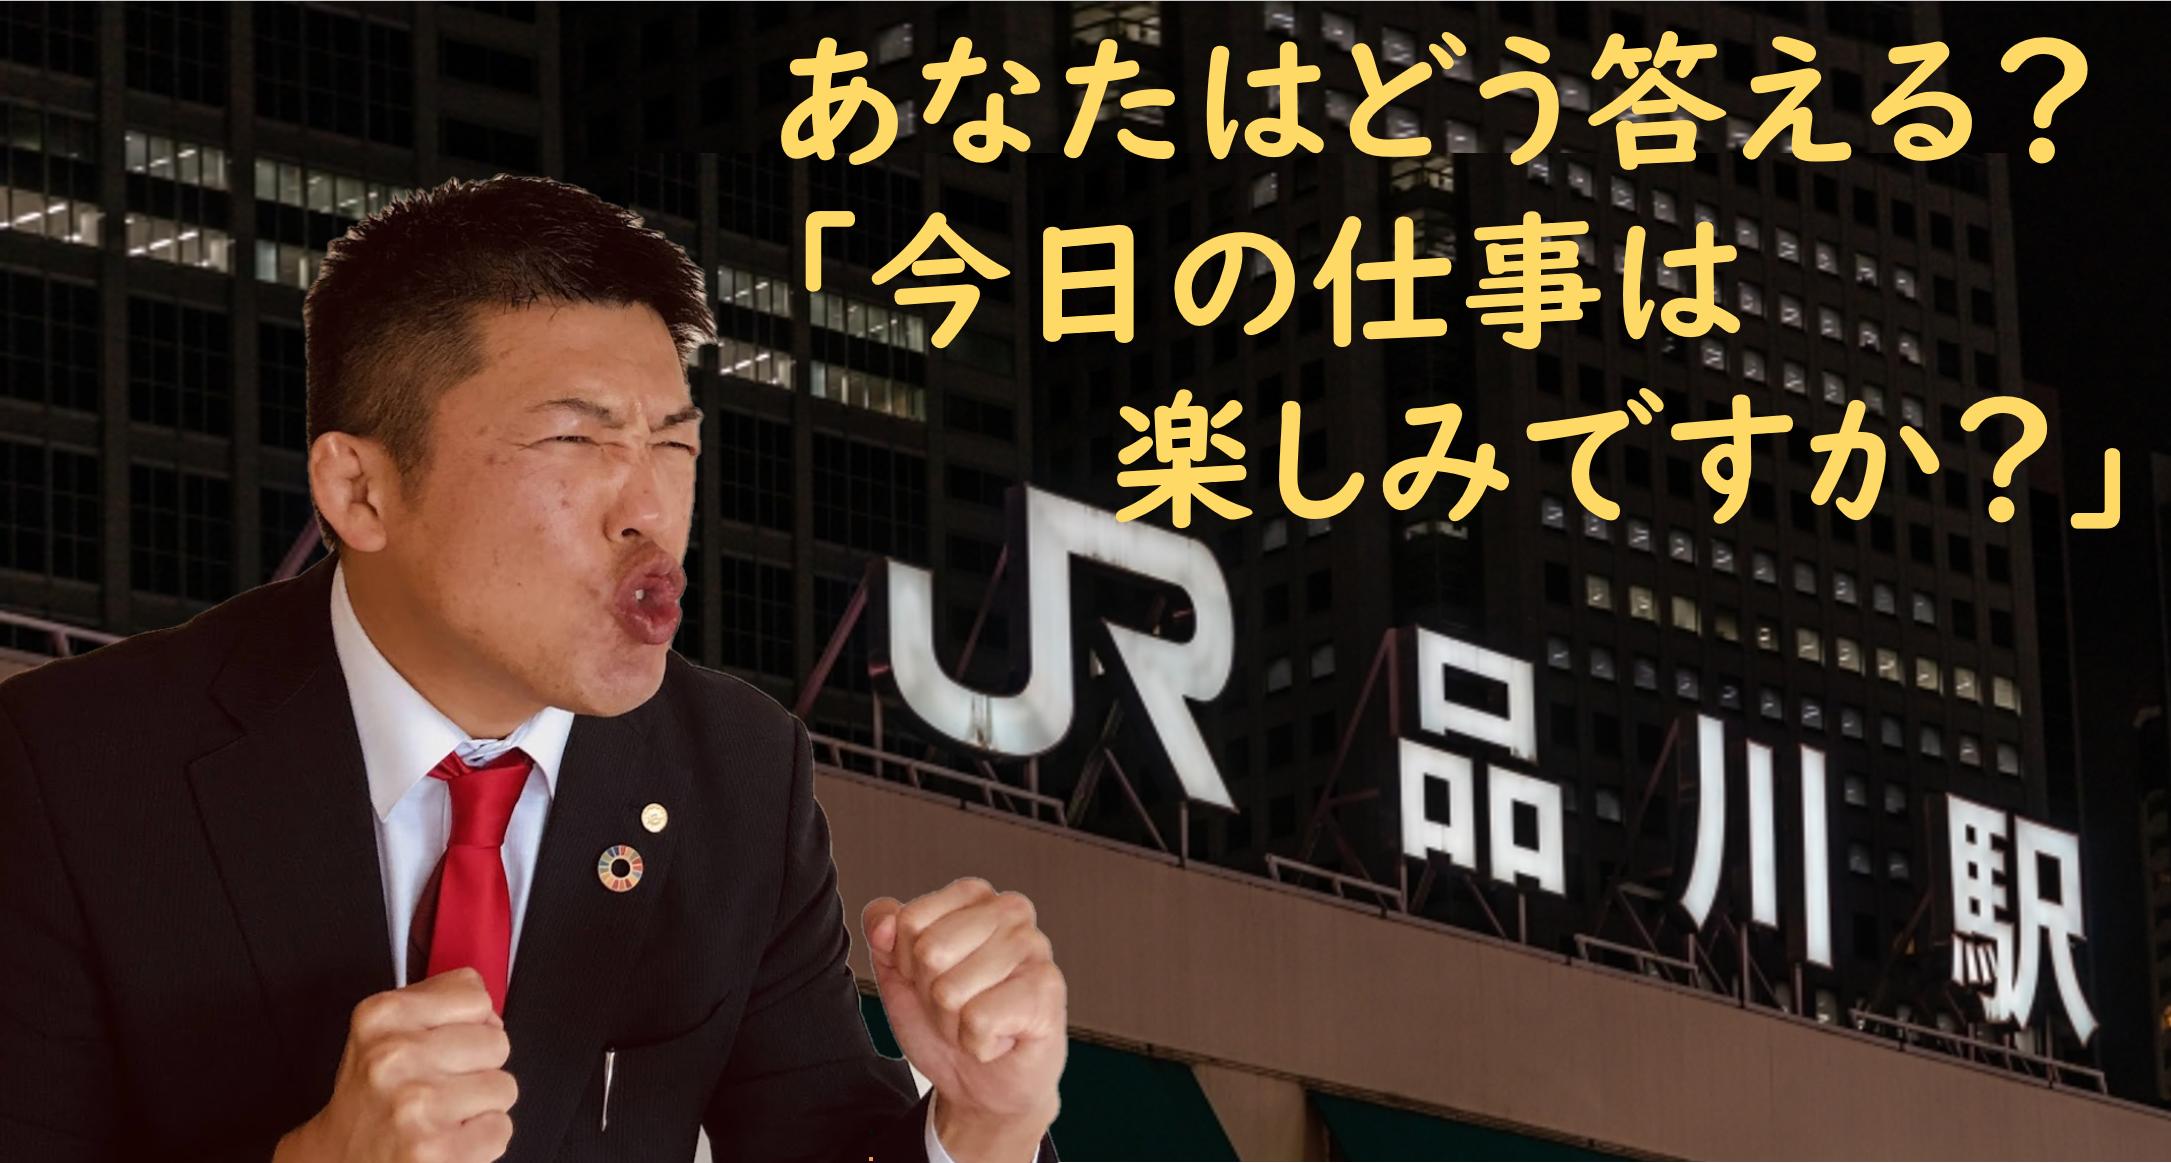 サムネ 品川駅の広告 仕事楽しみ?